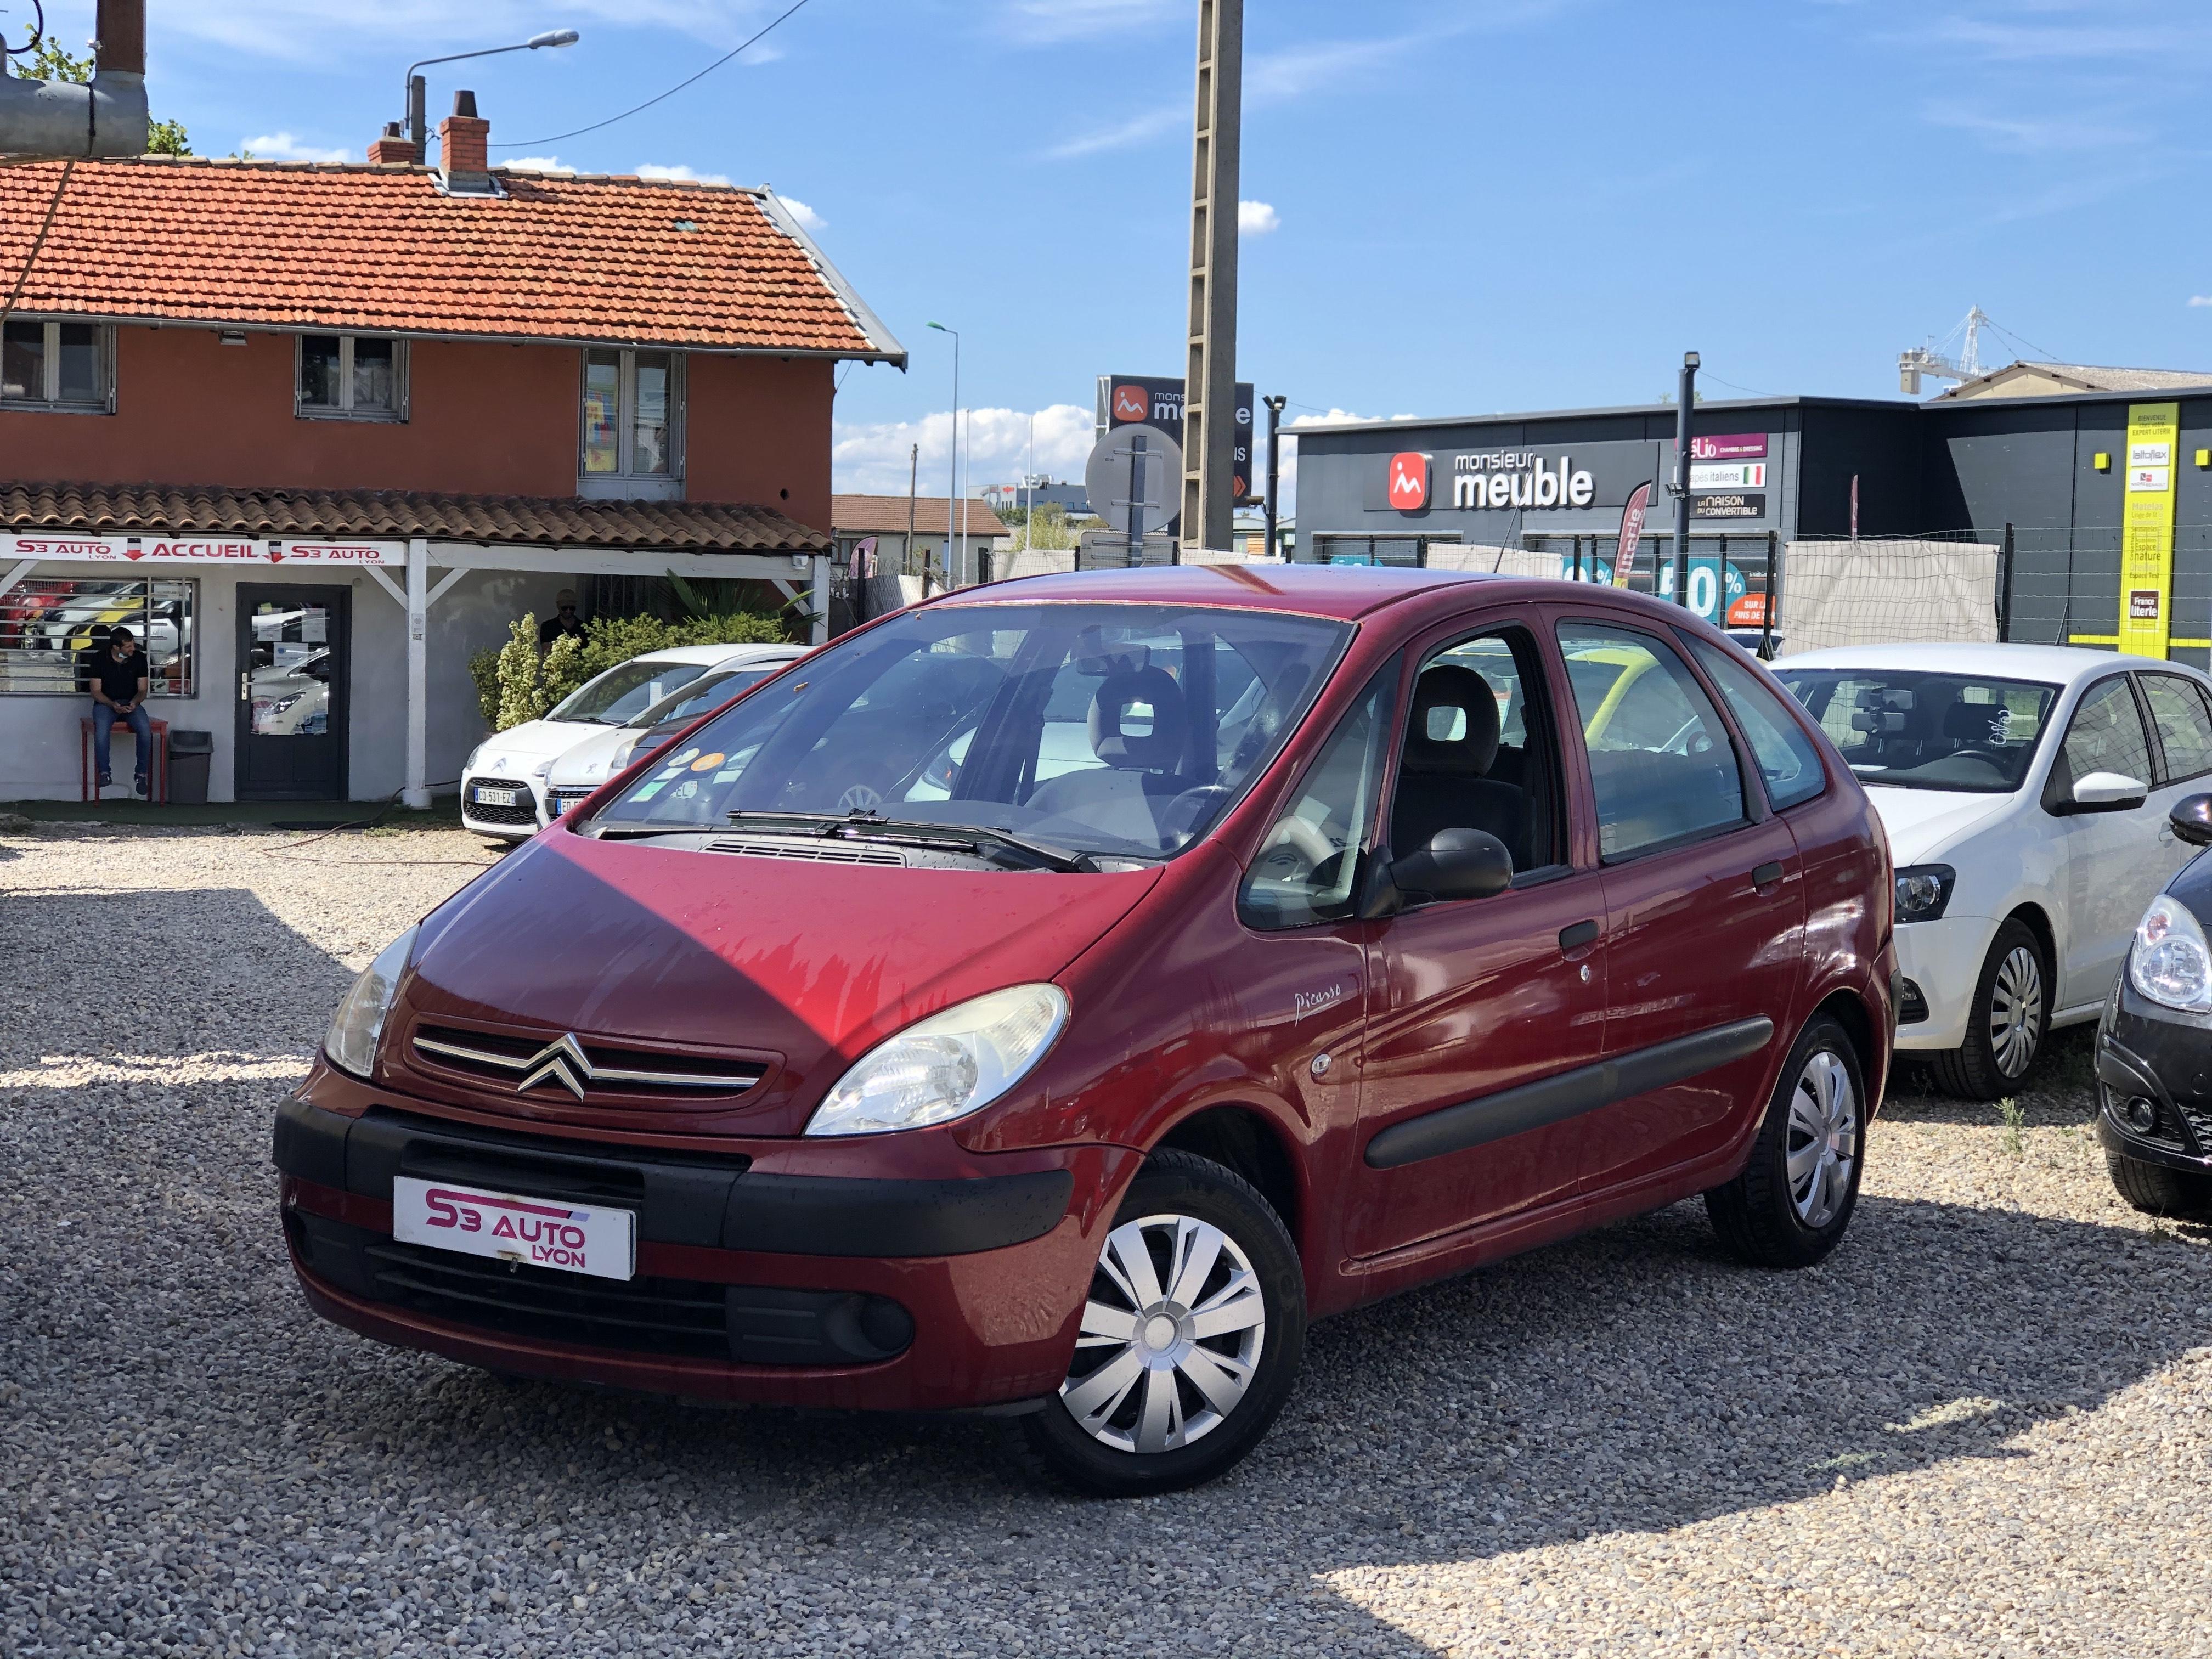 Citroën Xsara Picasso  1 6 HDi110 FAP